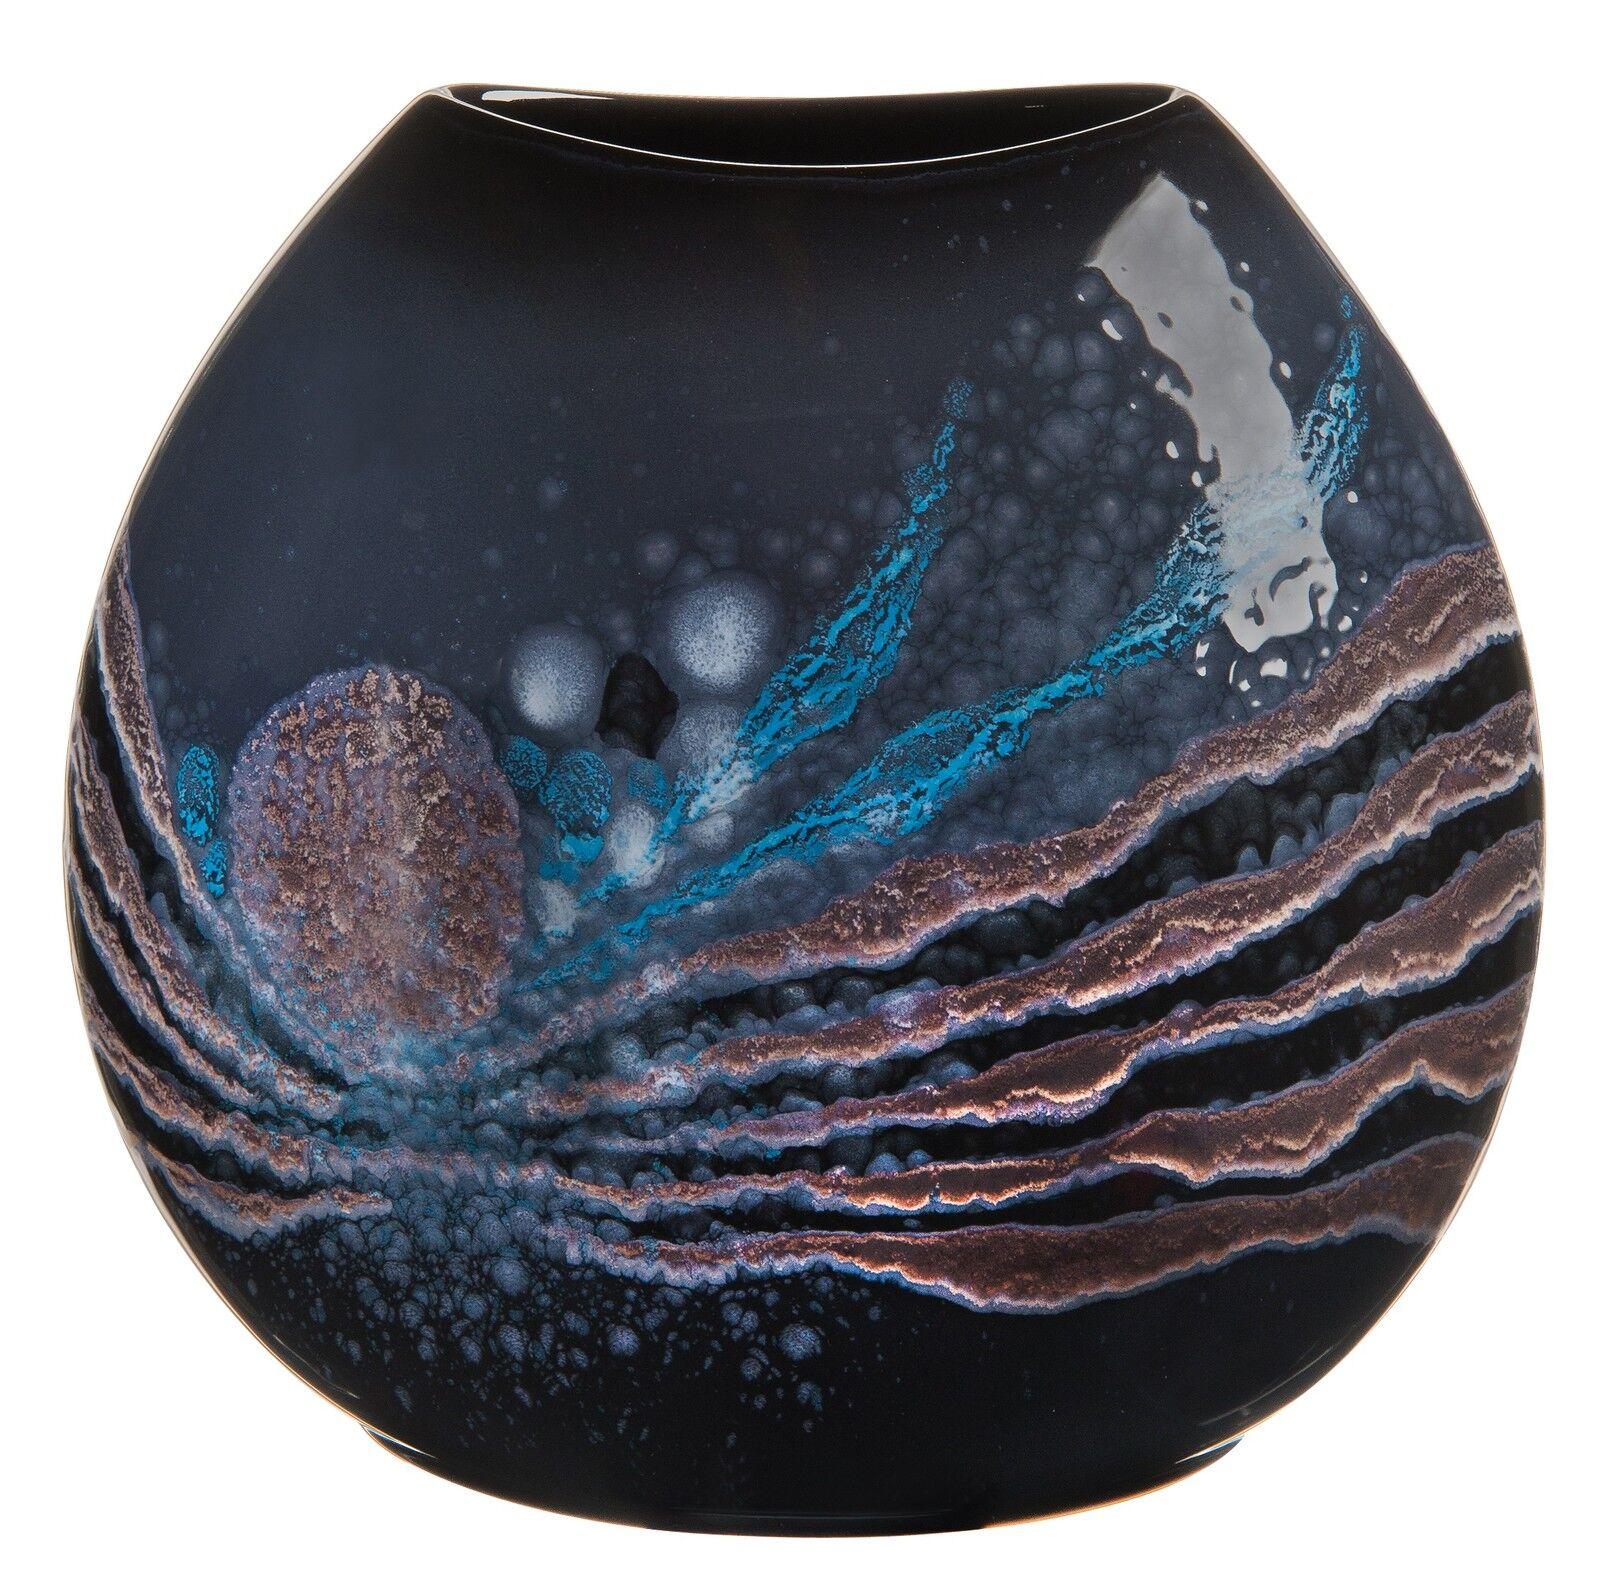 céleste Poterie Céramique Large Porte-monnaie Vase Vase Vase 25.5cm SUPÉRIEURE Qualité EU | Conception Moderne  c9b6d8